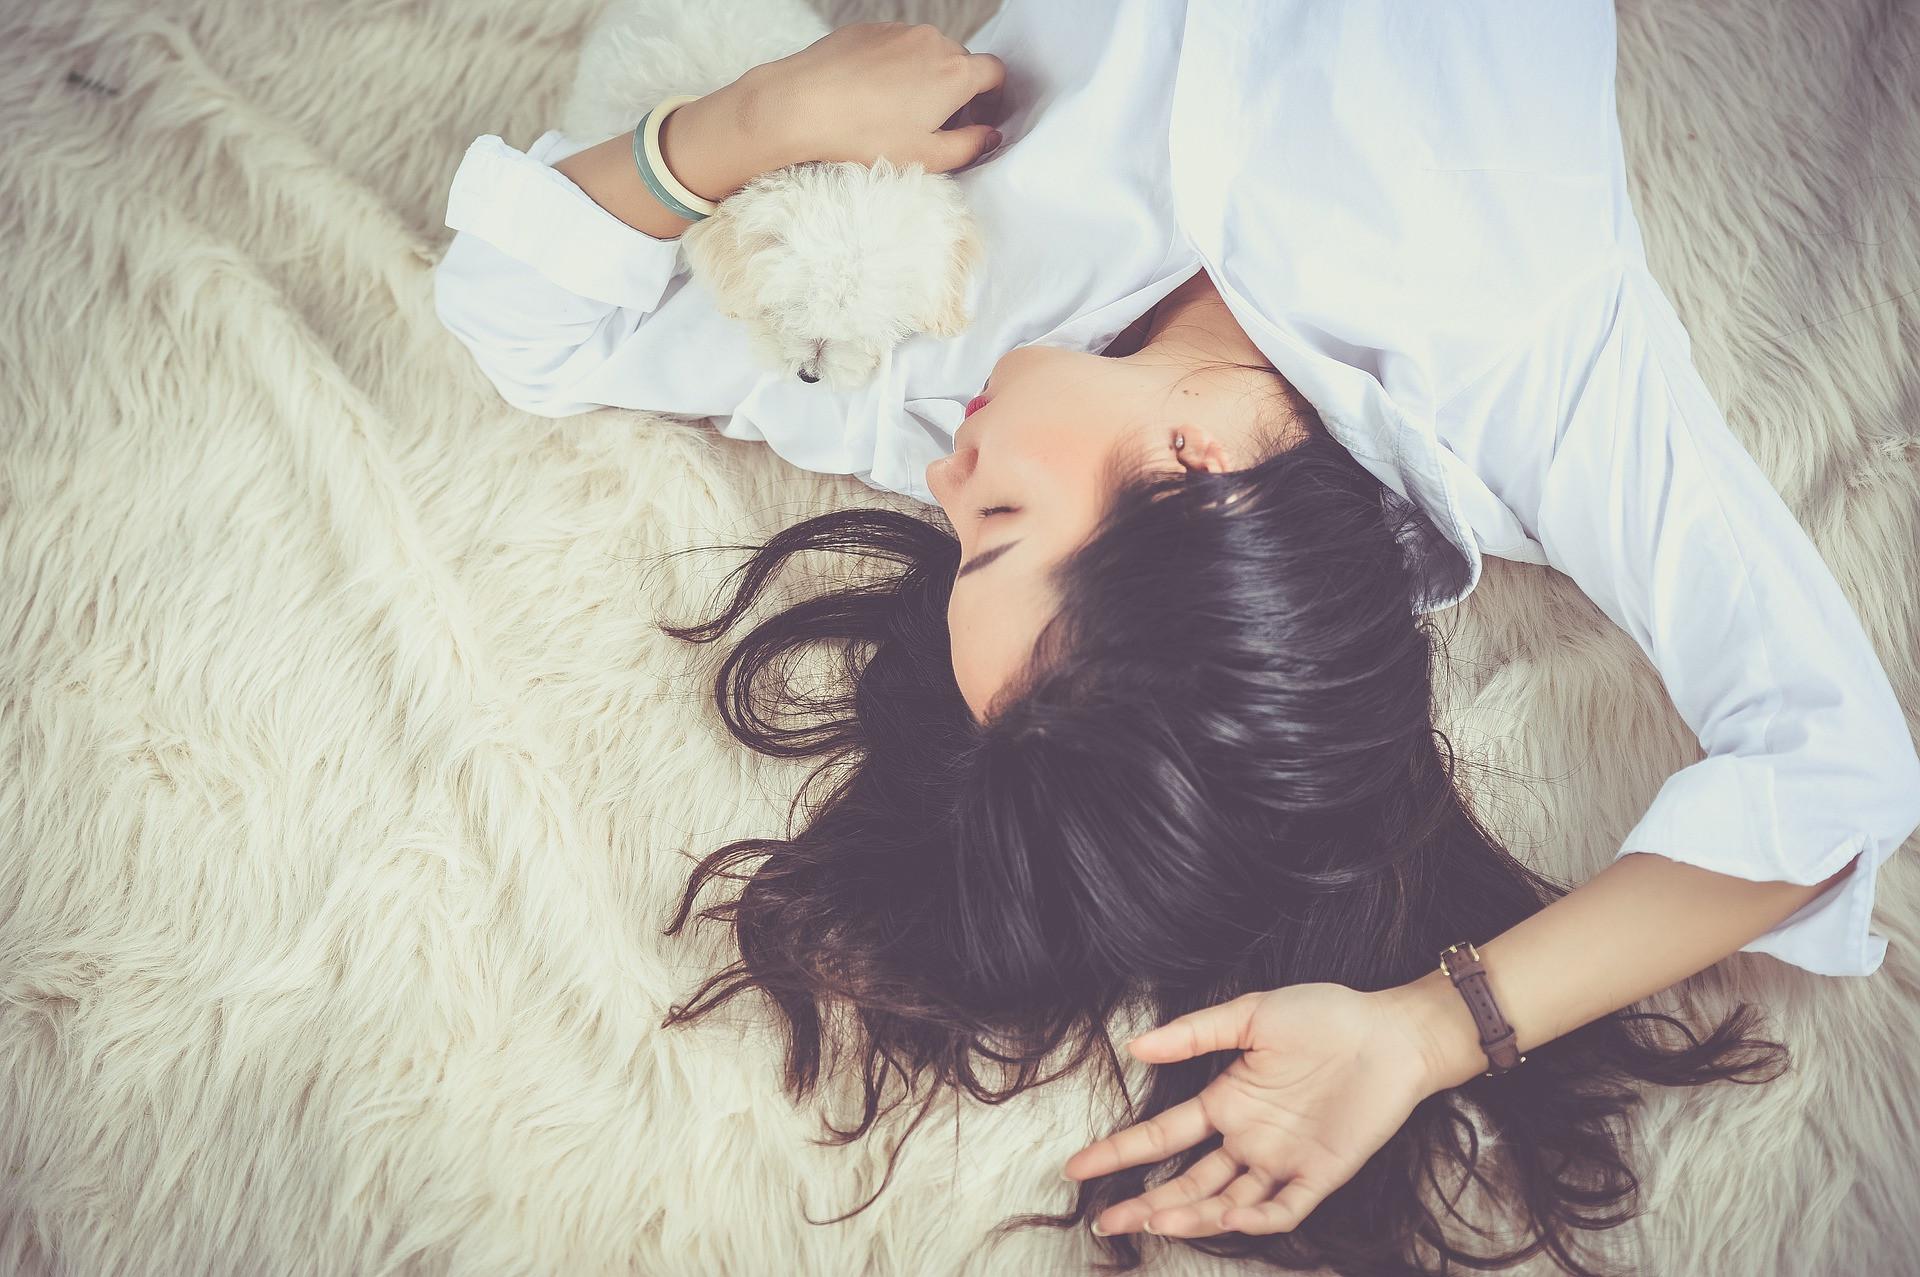 Медитация перед сном для женщин: 4 причины научиться расслаблять тело и душу